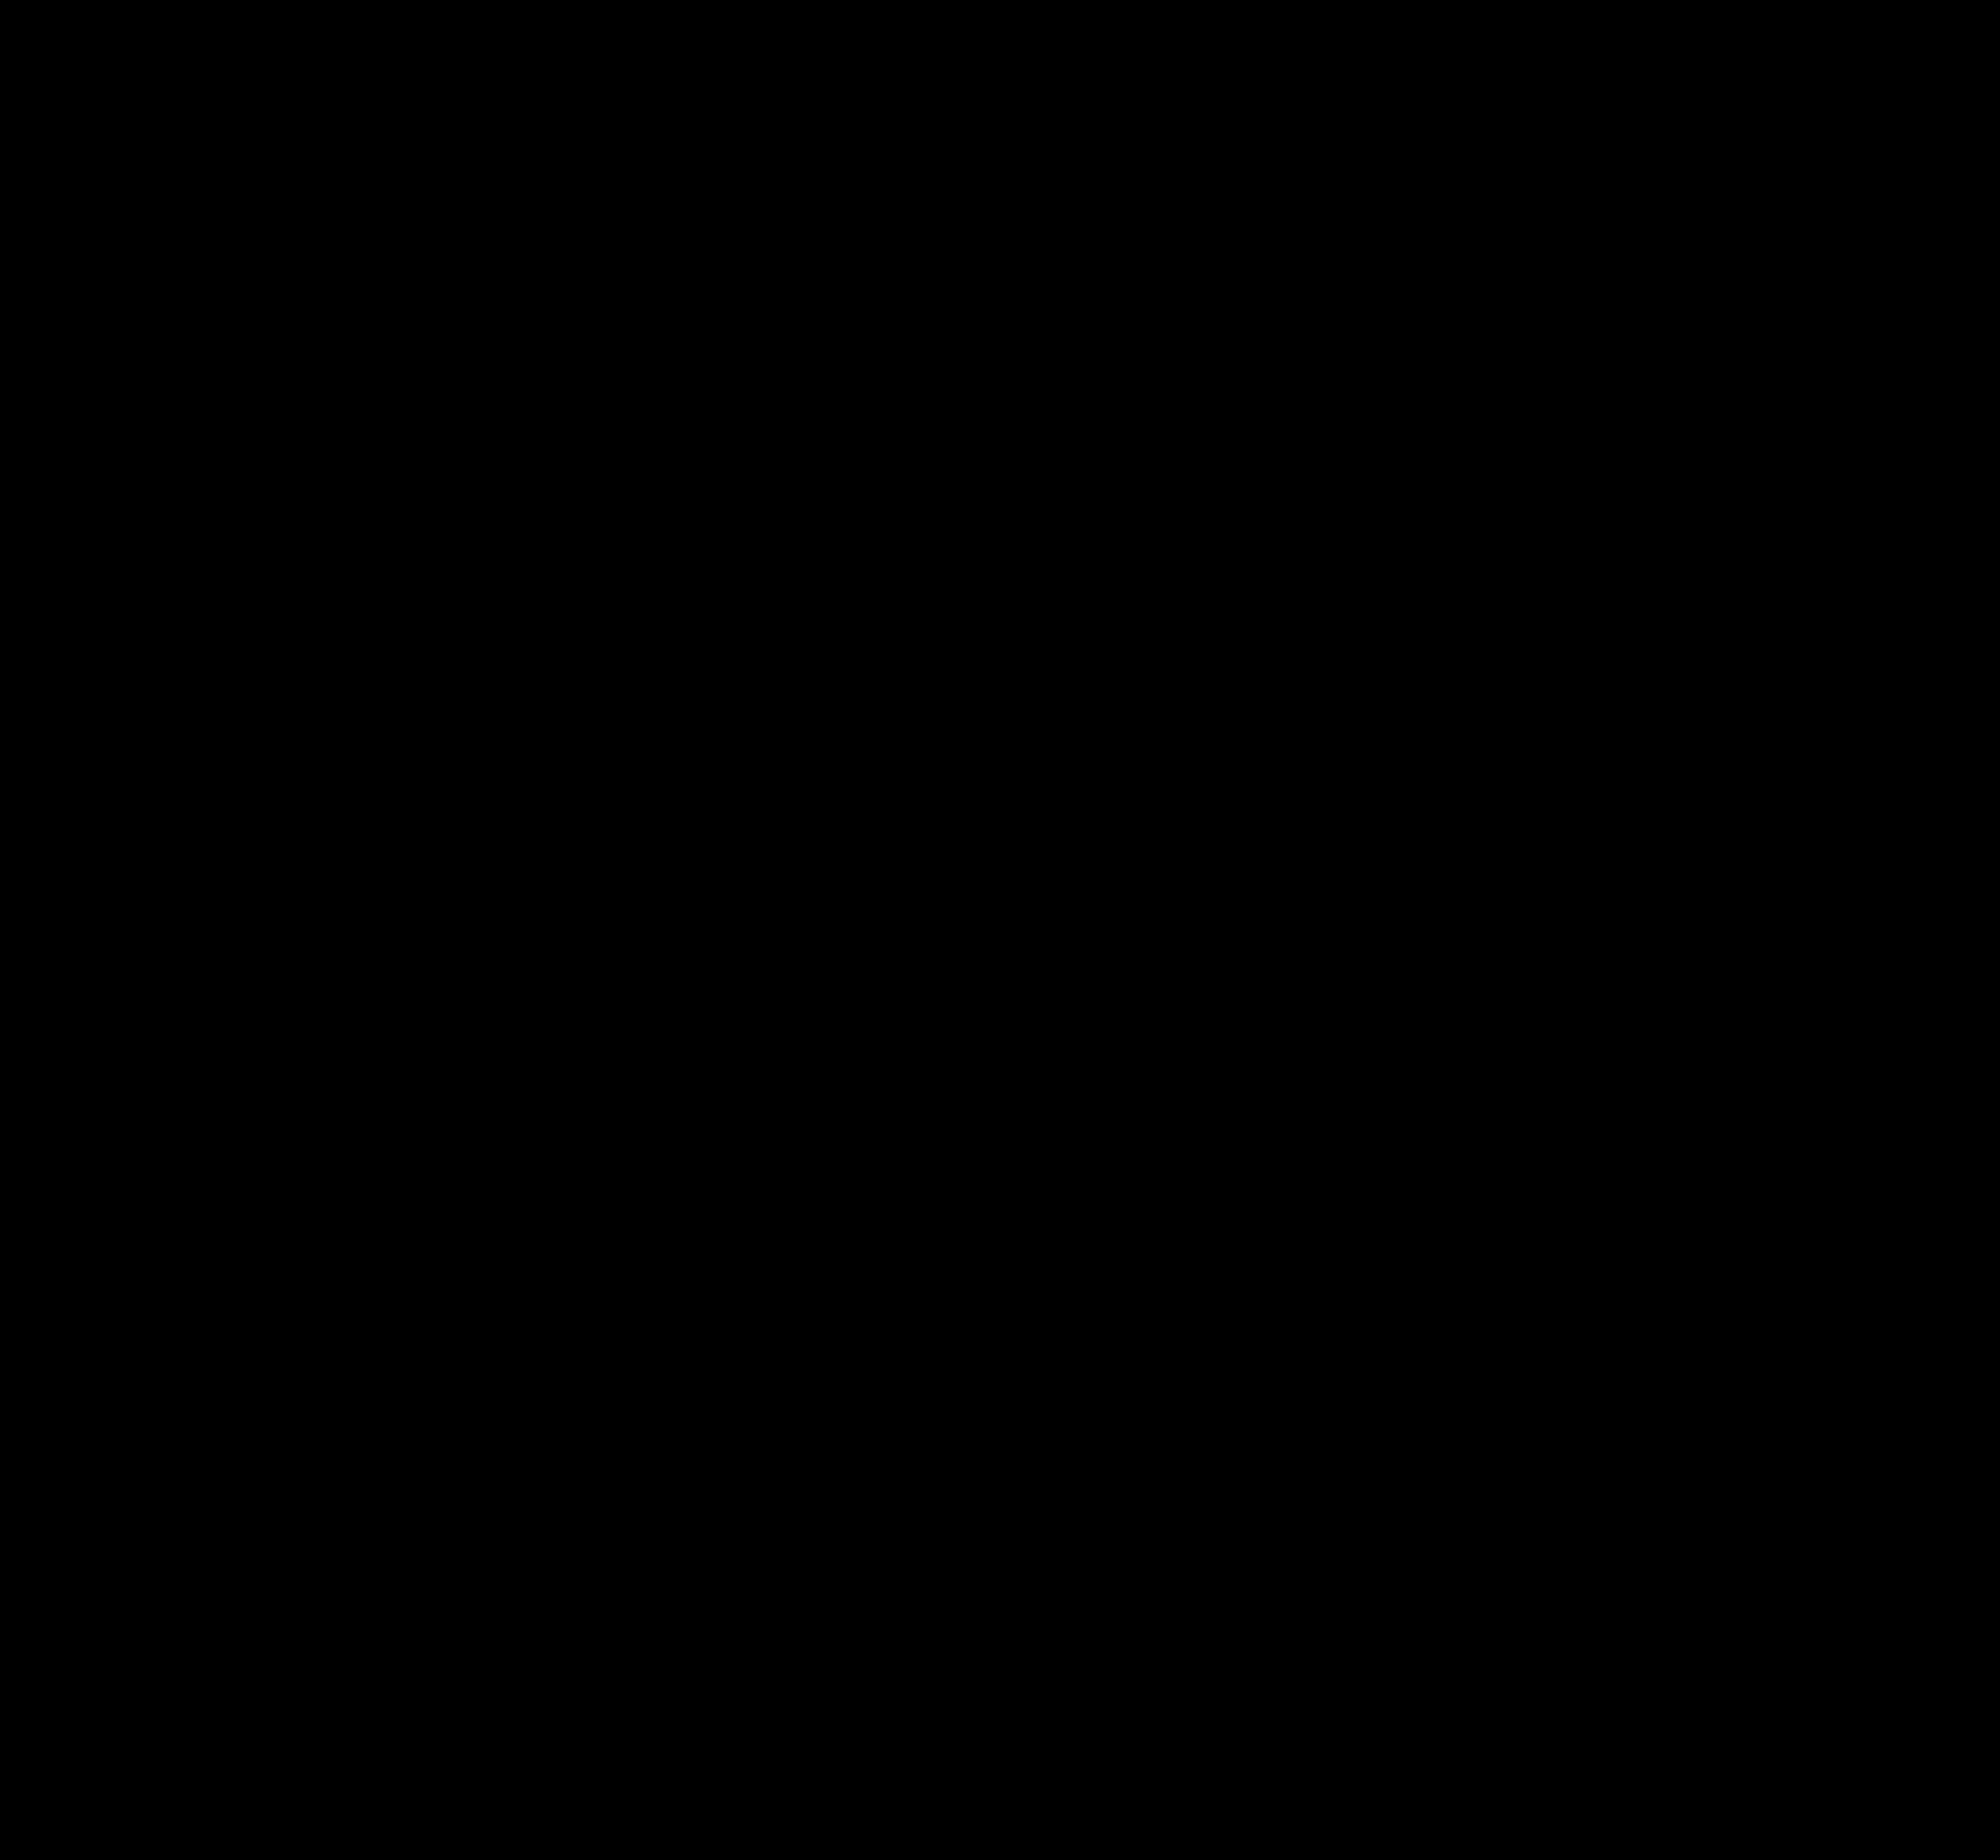 DO_TRIGO_AO_PÃO-4